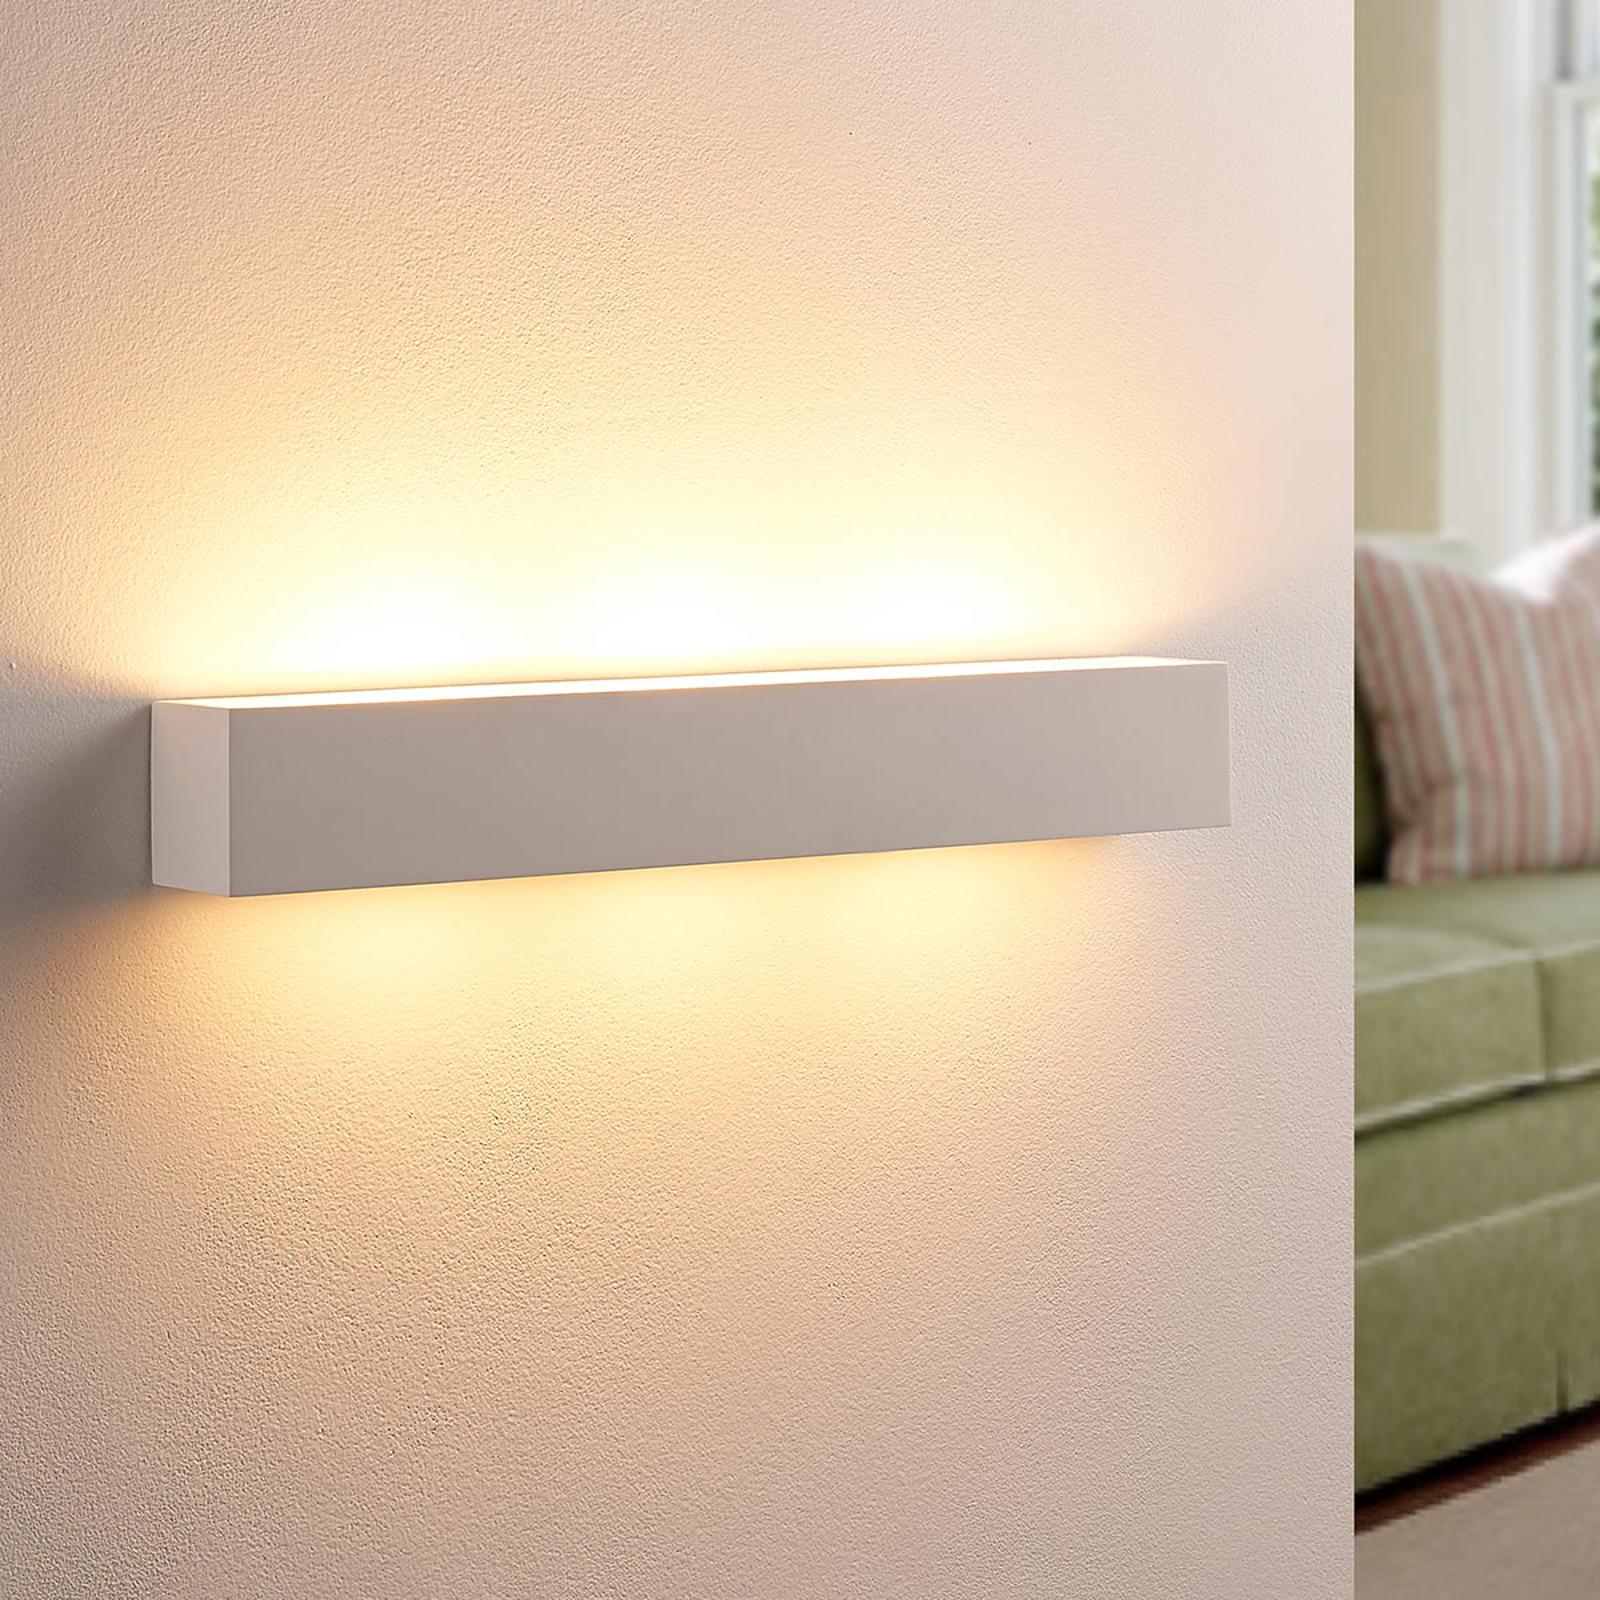 Tjada - avlång LED-vägglampa av gips